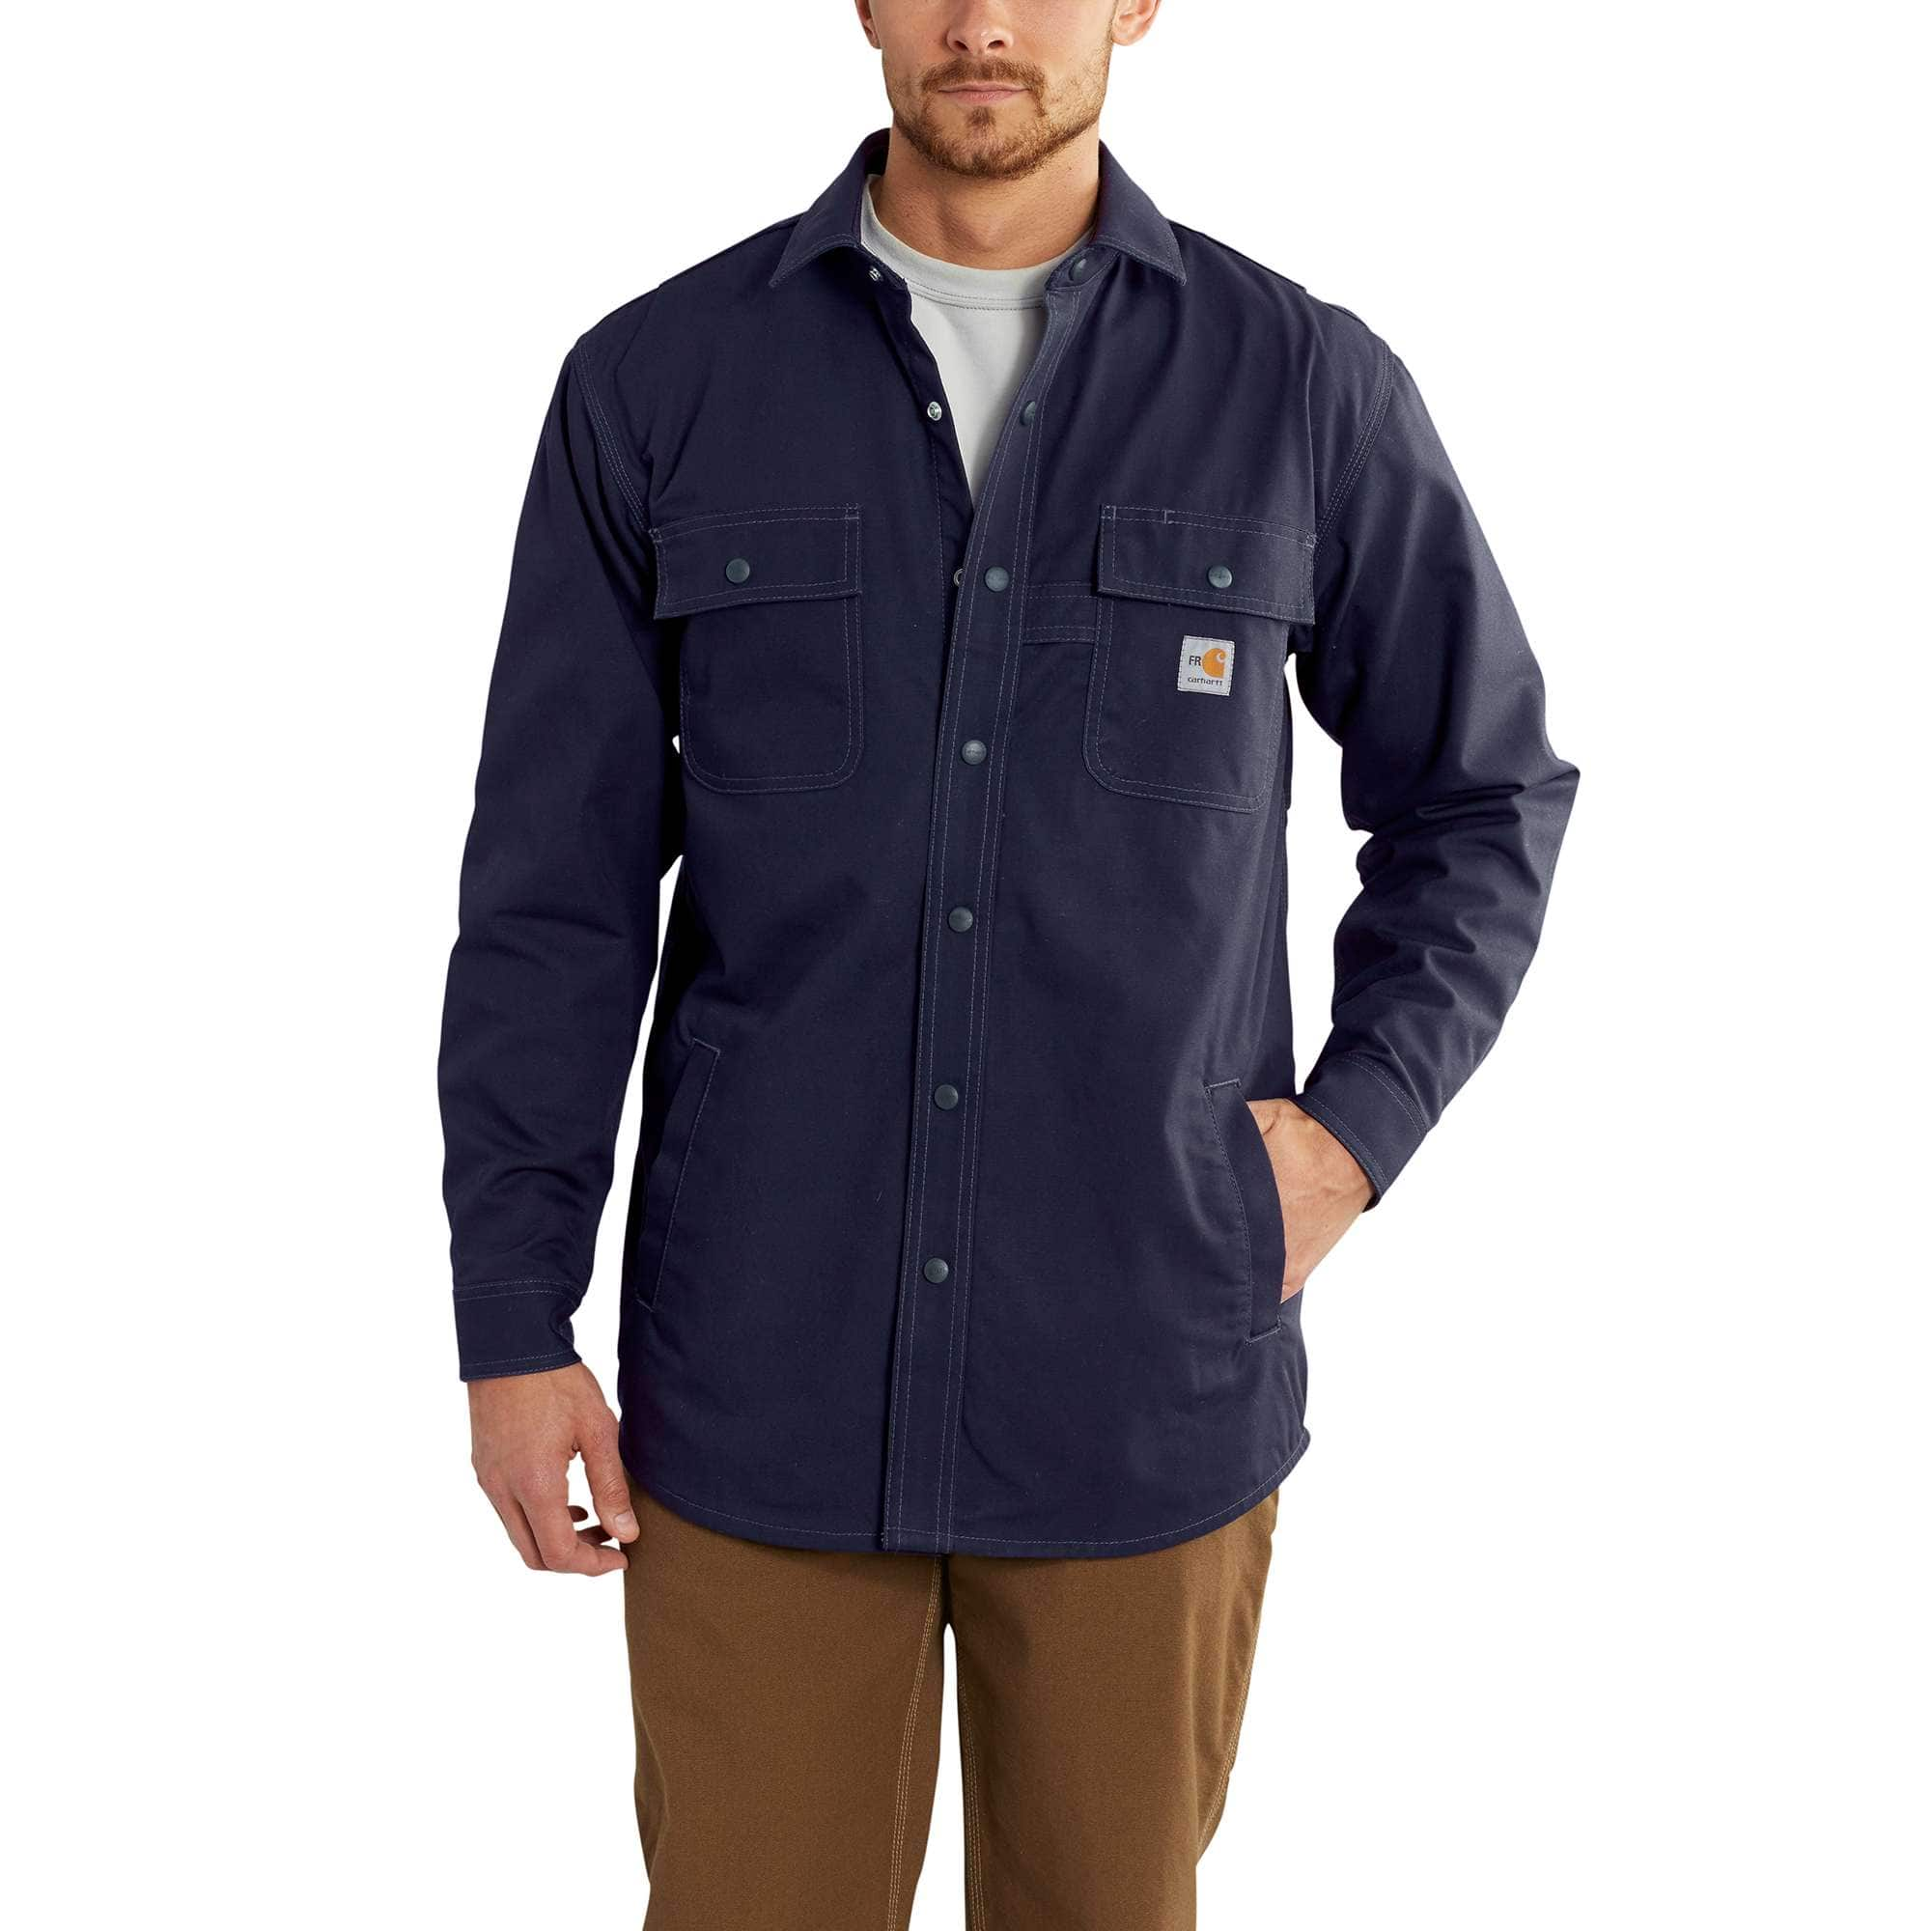 Bullstar Funktionsjacke STREETWORK MIX Herrenjacke Workwear Outdoorjacke